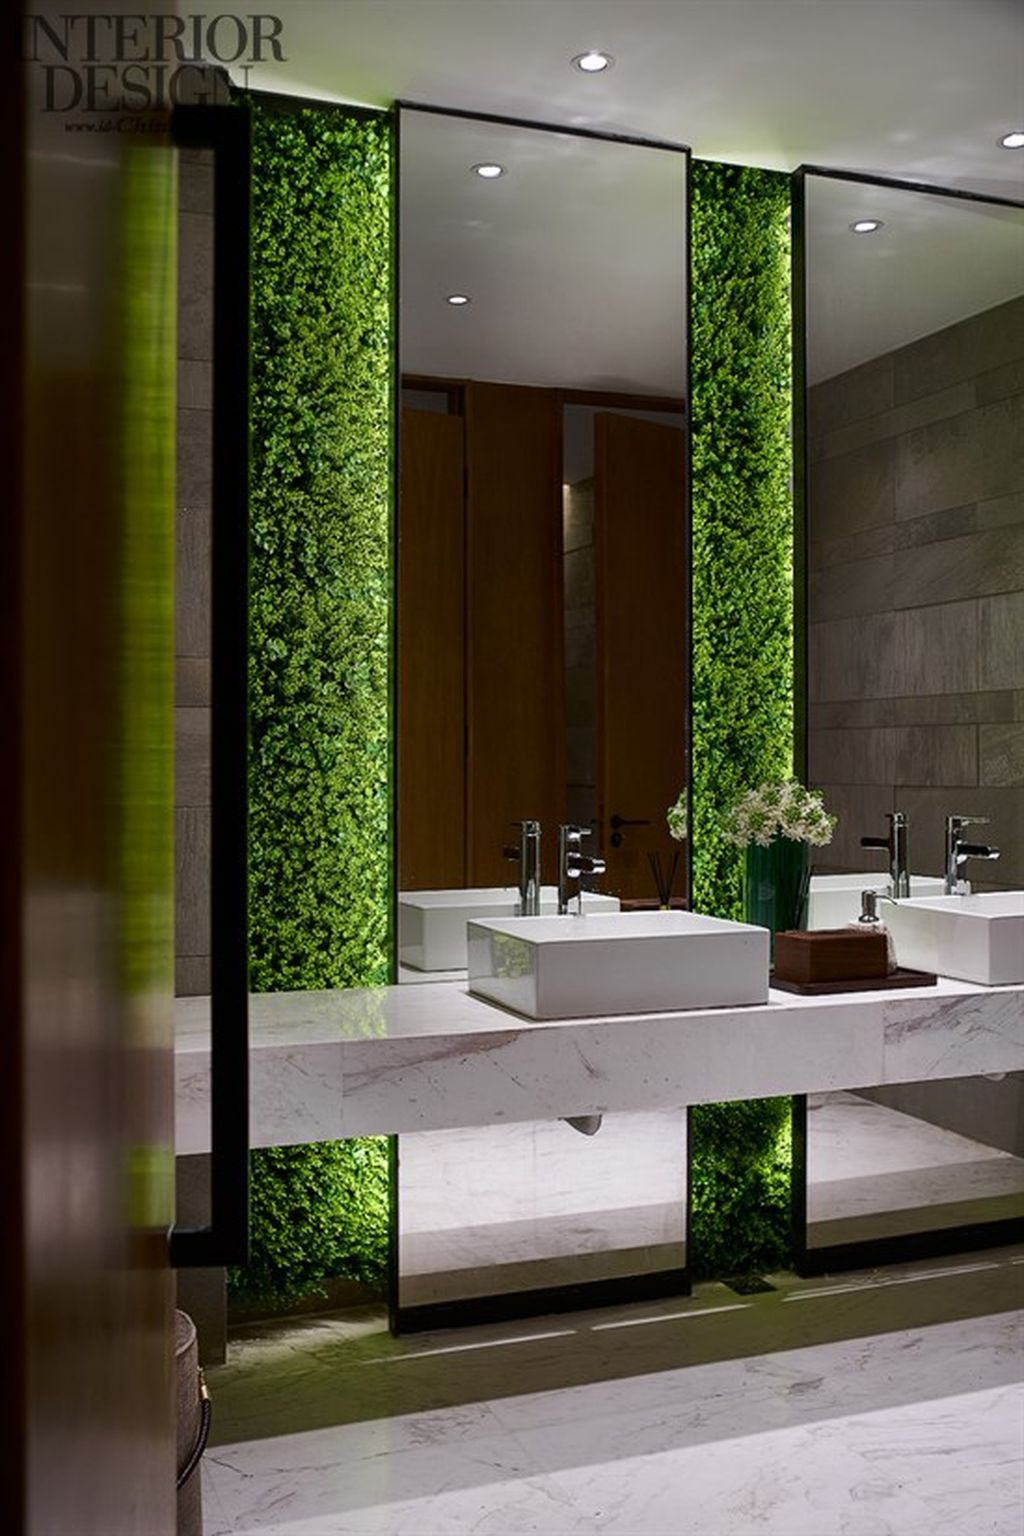 good ideas corporate office design make happy worker interiors interior modern also rh pinterest